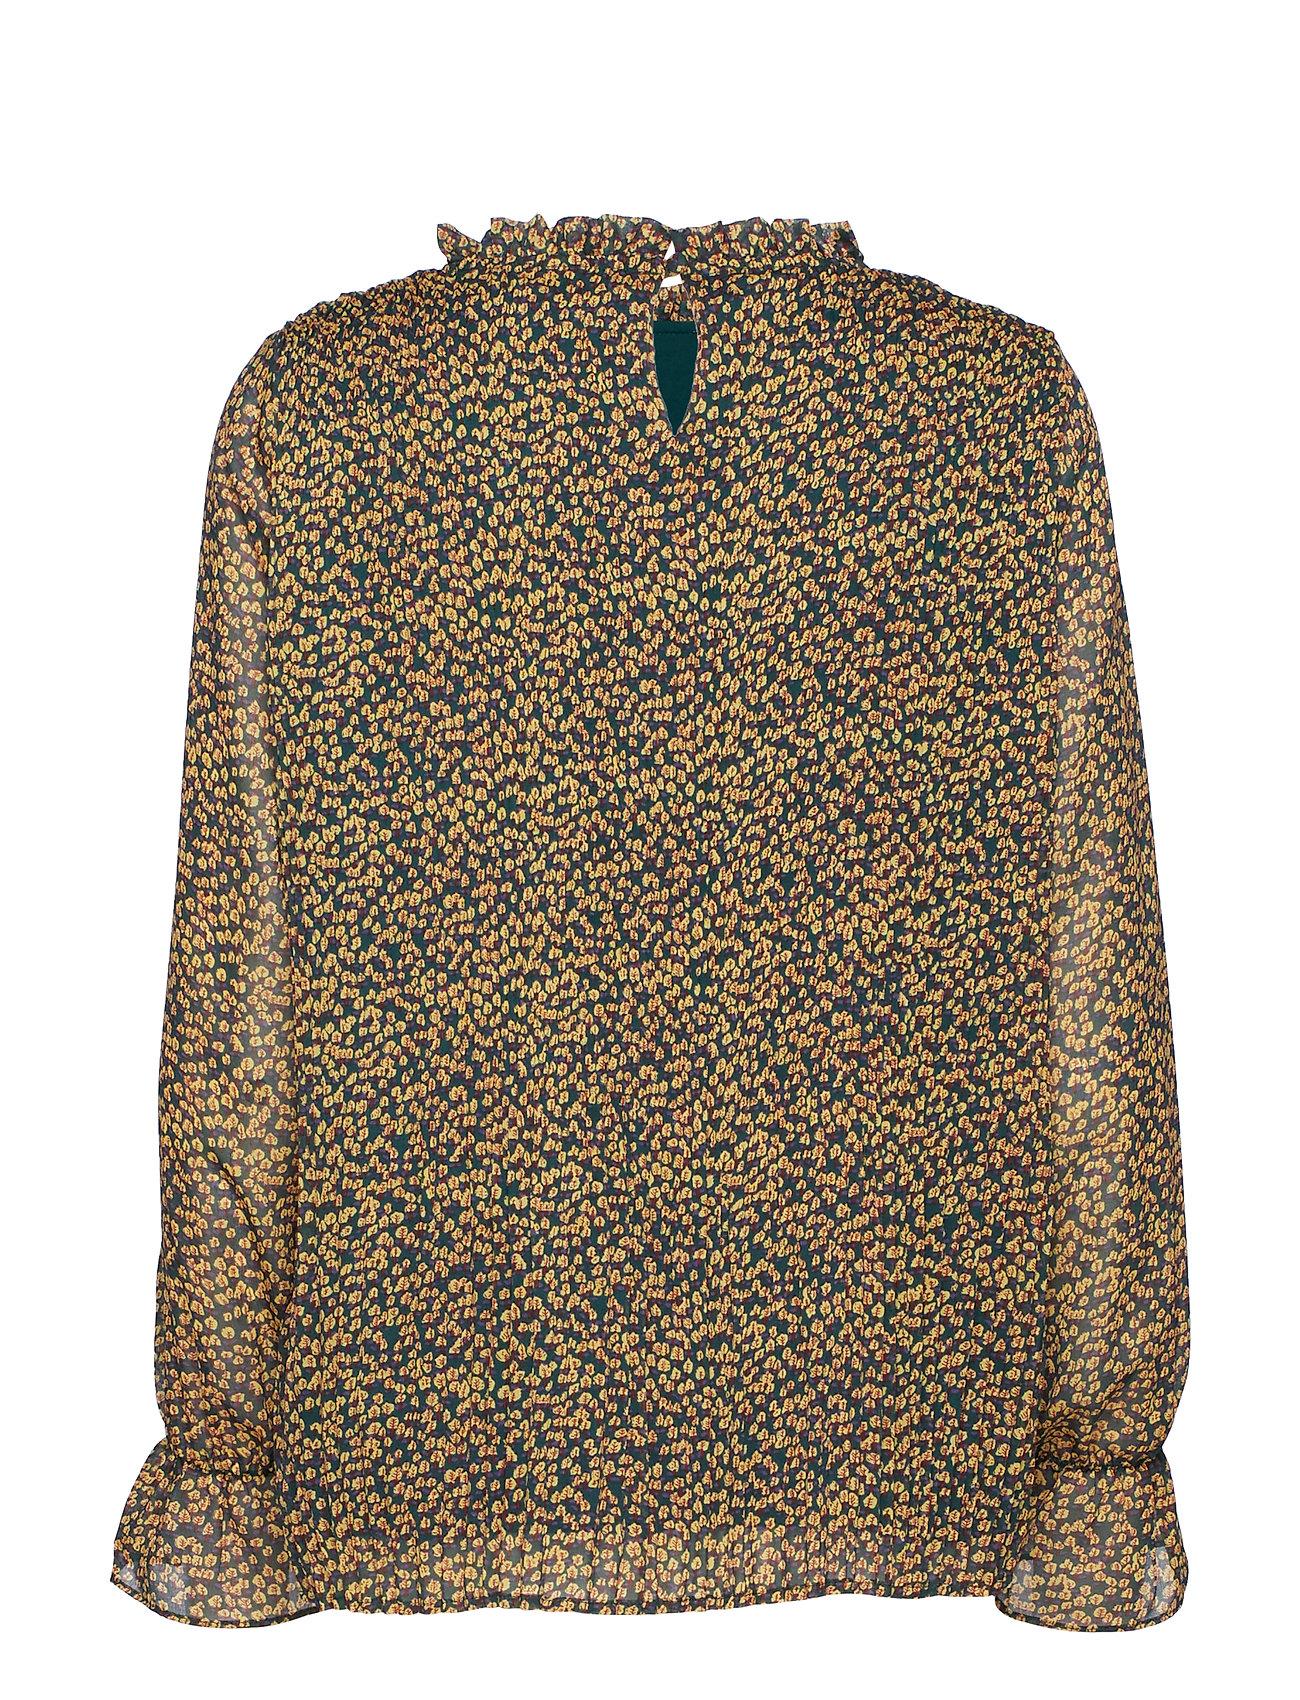 MAUD  basic stripe top | Laaja valikoima alennustuotteita | Naisten vaatteet